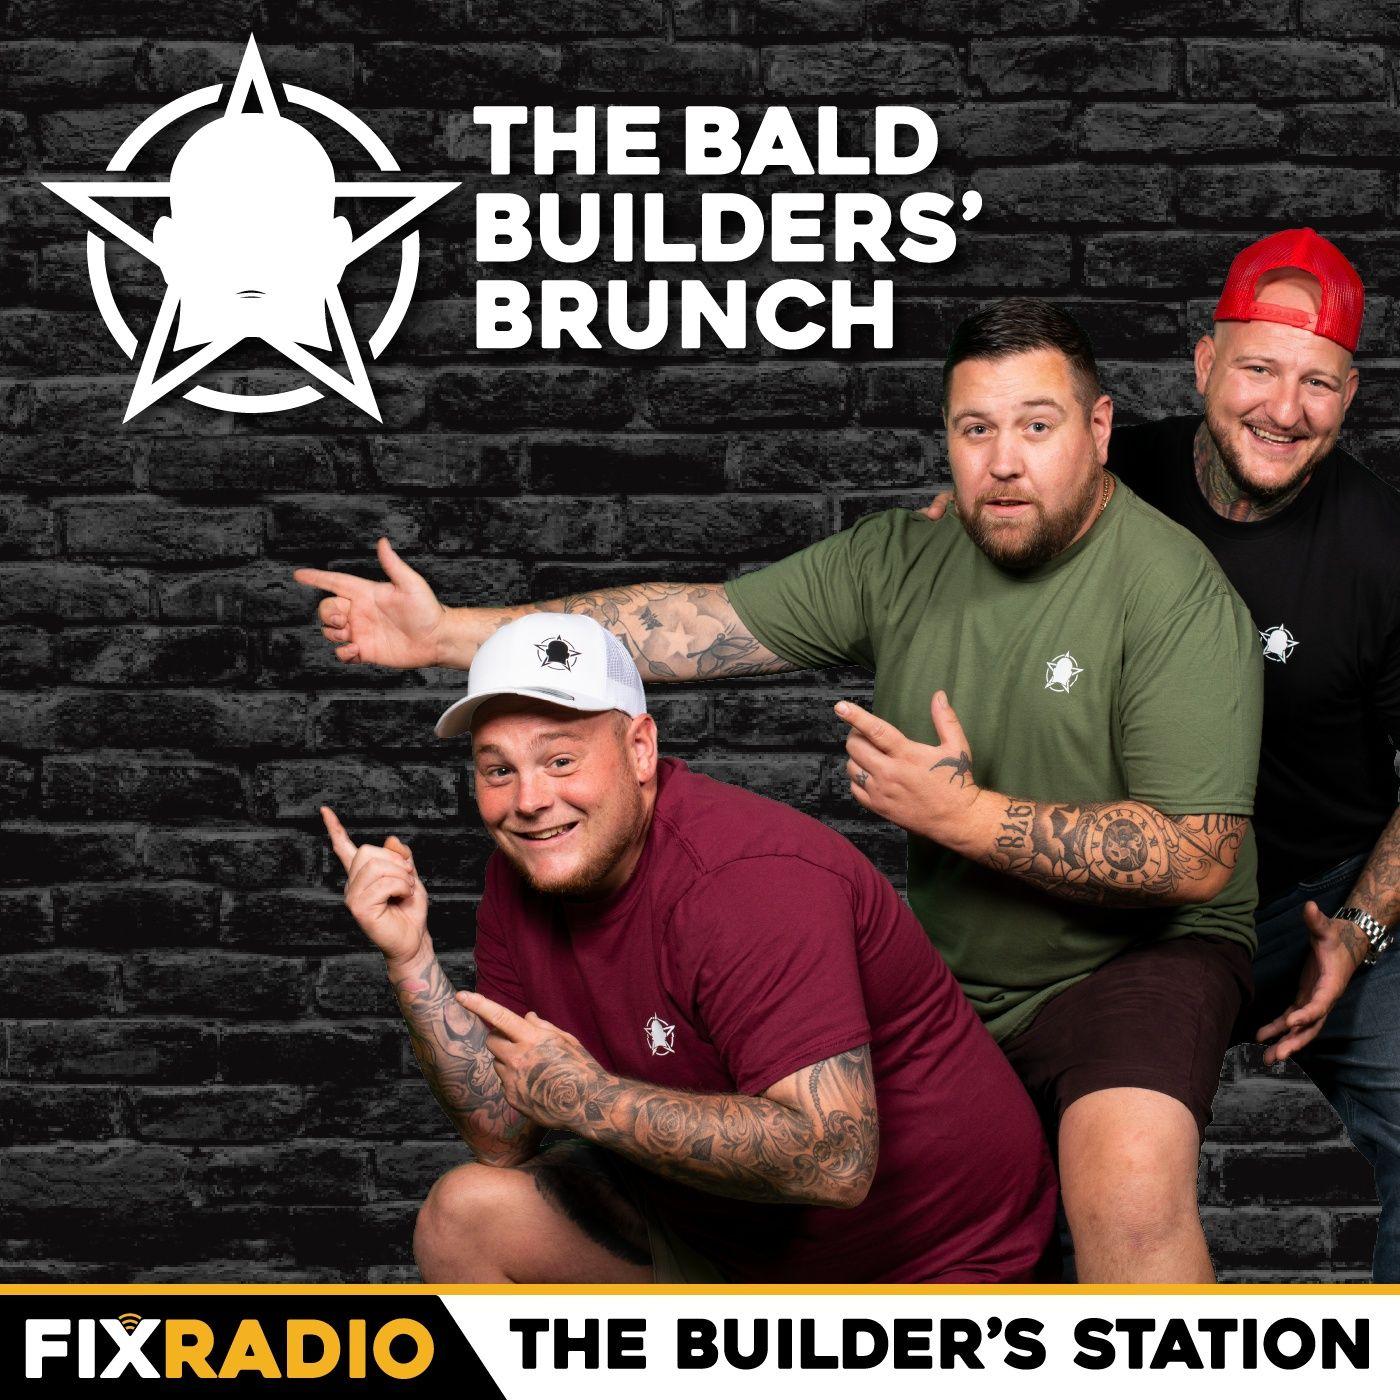 The Bald Builders Brunch